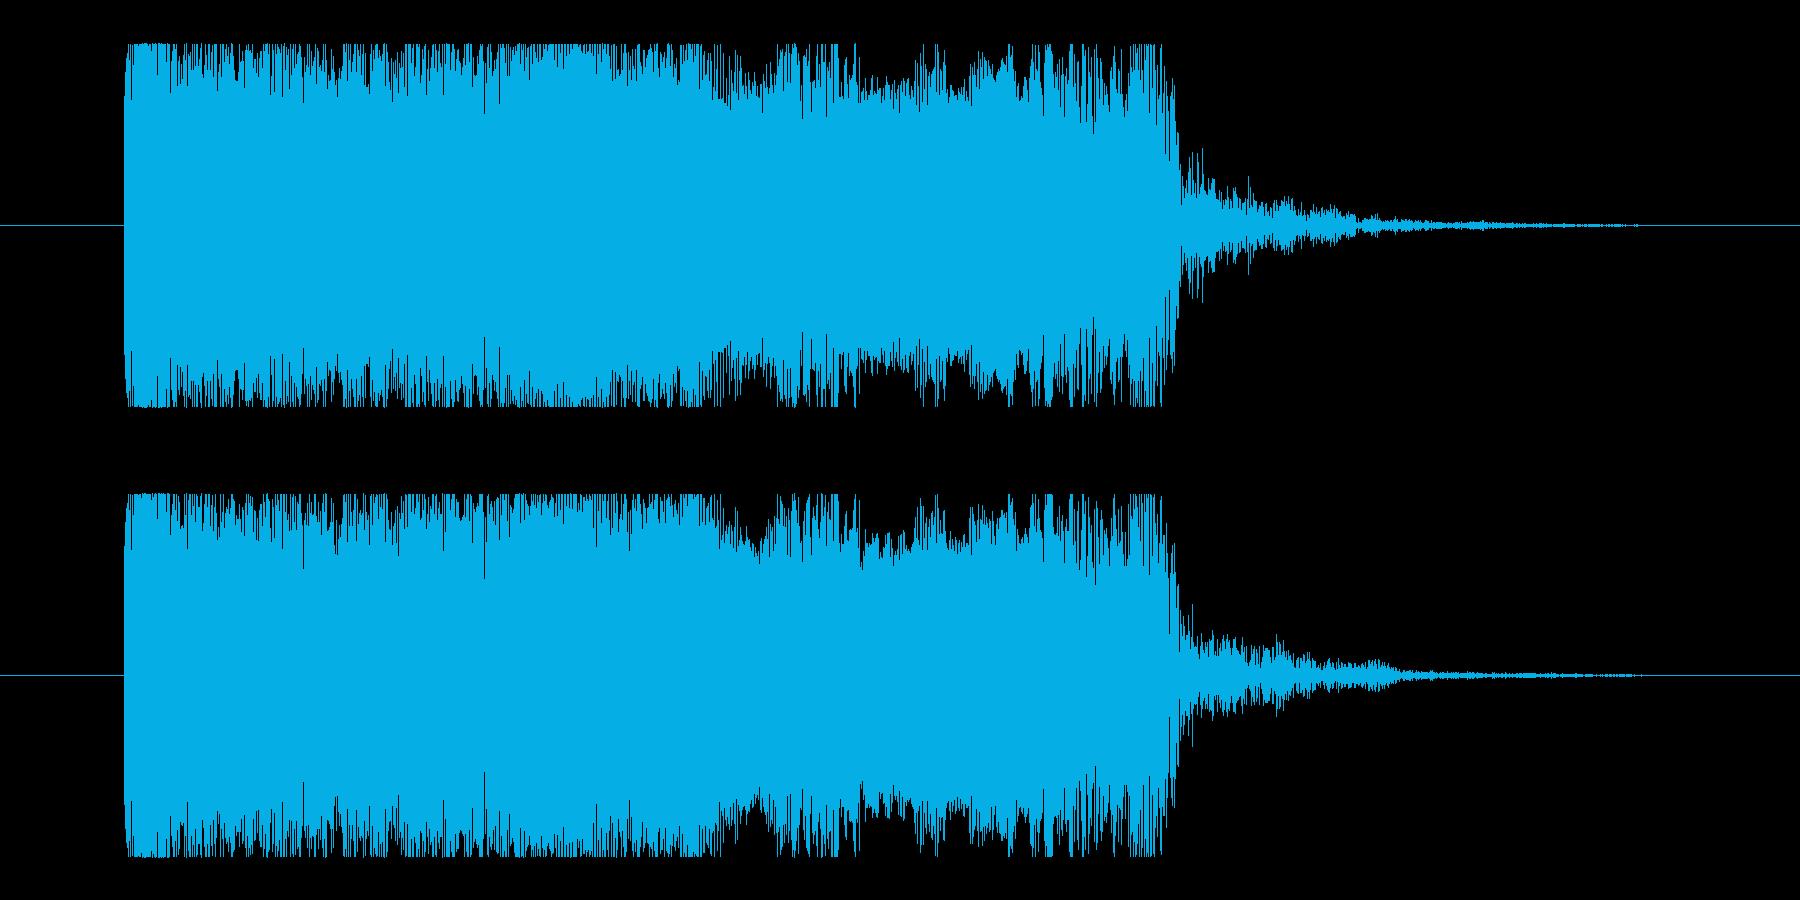 ユニゾンチョーキング2、Eギターサウンドの再生済みの波形